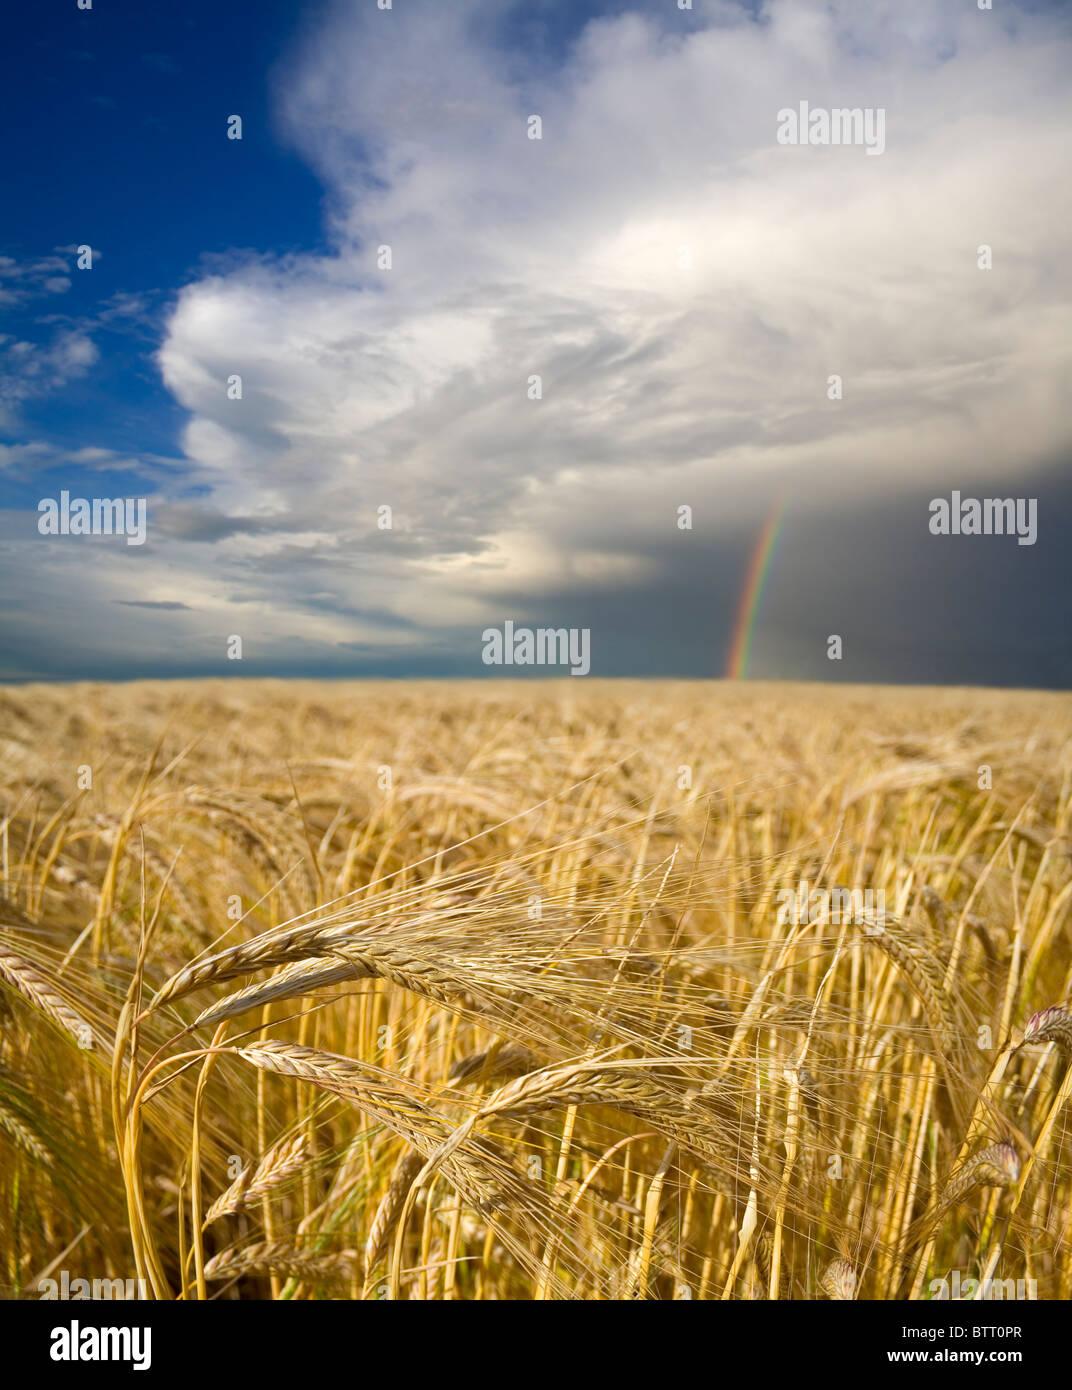 Un champ d'orge de maturation est assis sous un arc-en-ciel, offrant de l'espoir pour l'avenir de l'agriculture. Photo Stock